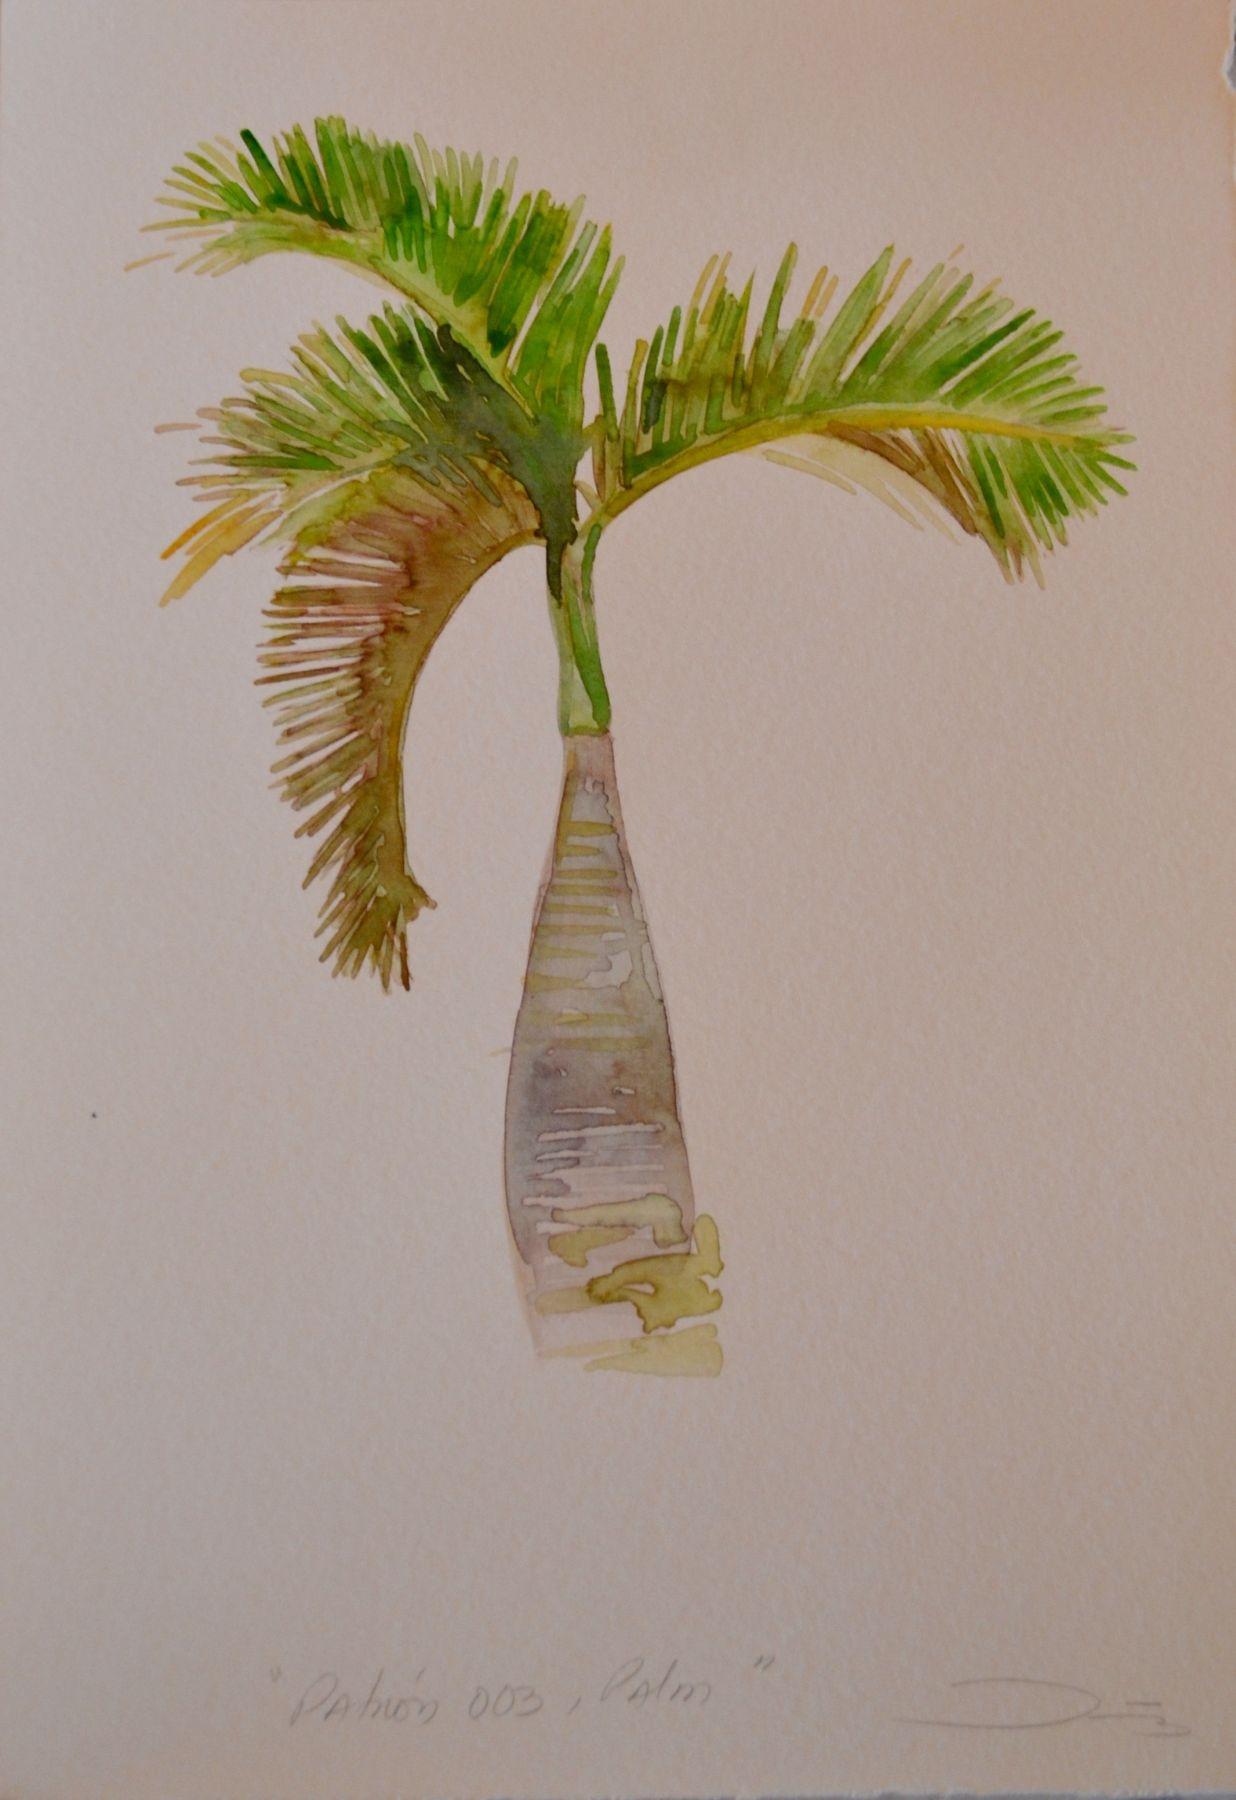 Patrón 003, Palm